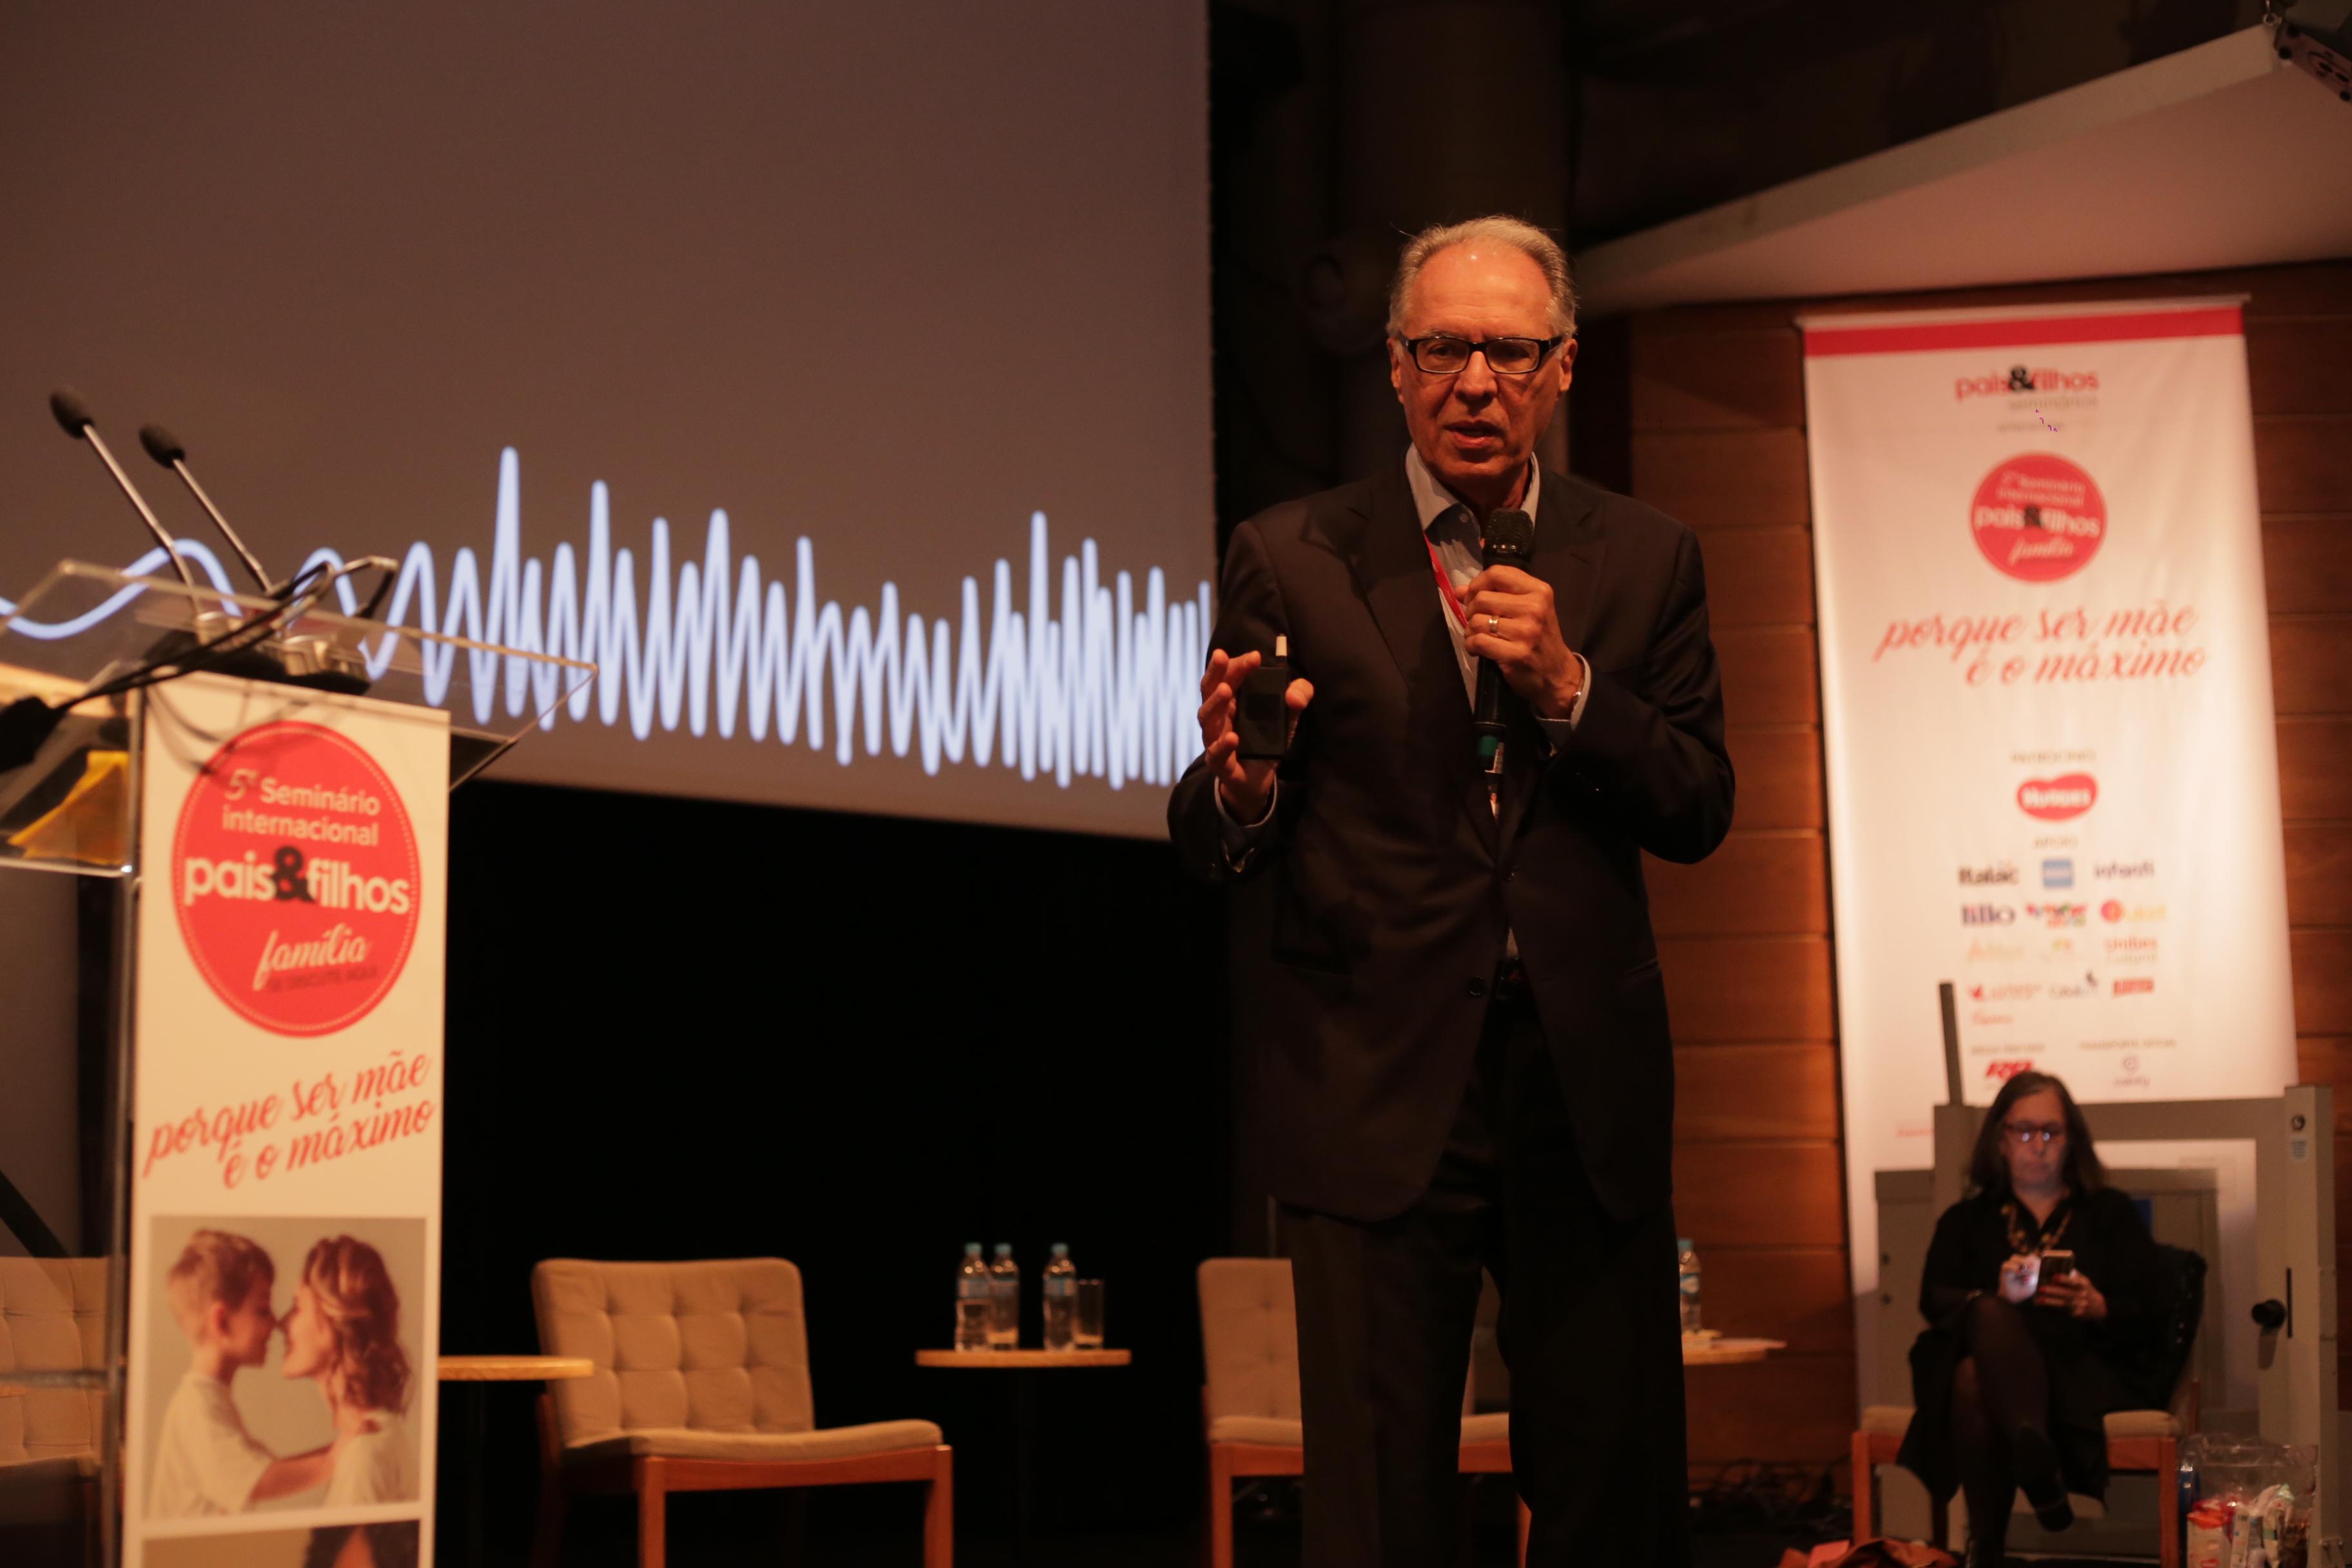 Terceiro palestrante do dia, Ricardo Guimarães